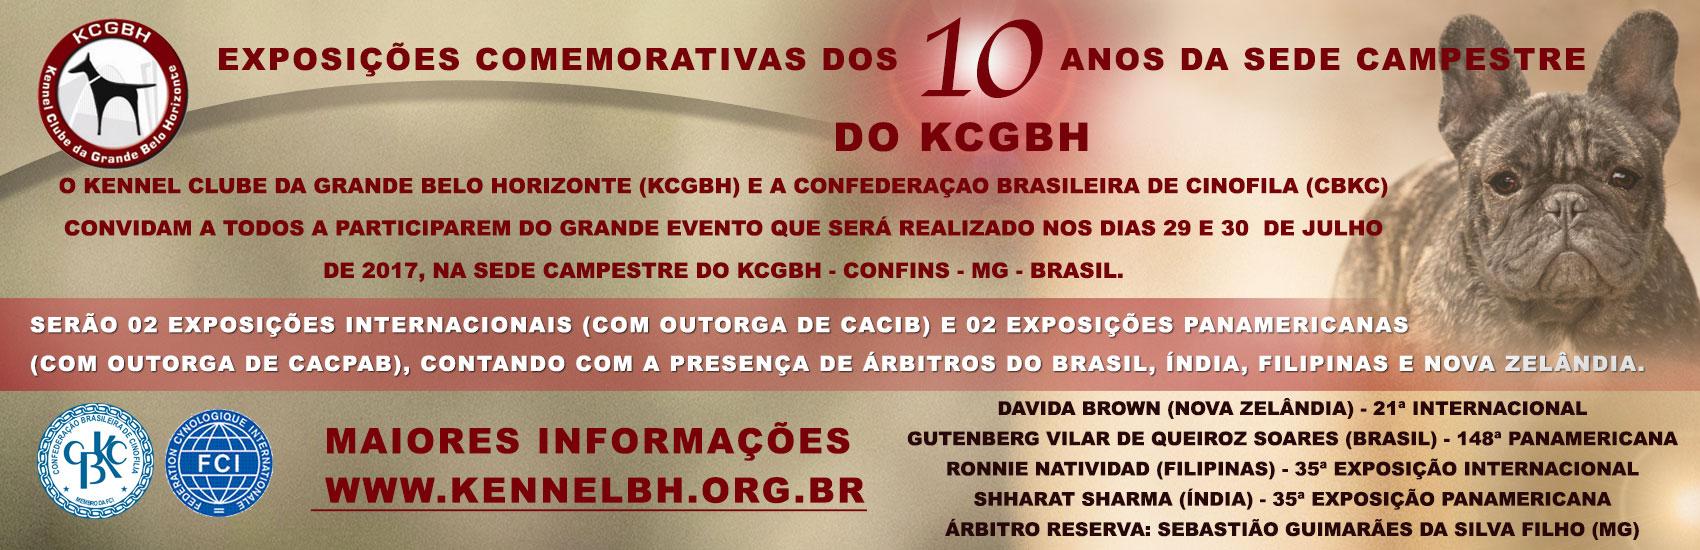 Exposição Kennel Clube da Grande Belo Horizonte